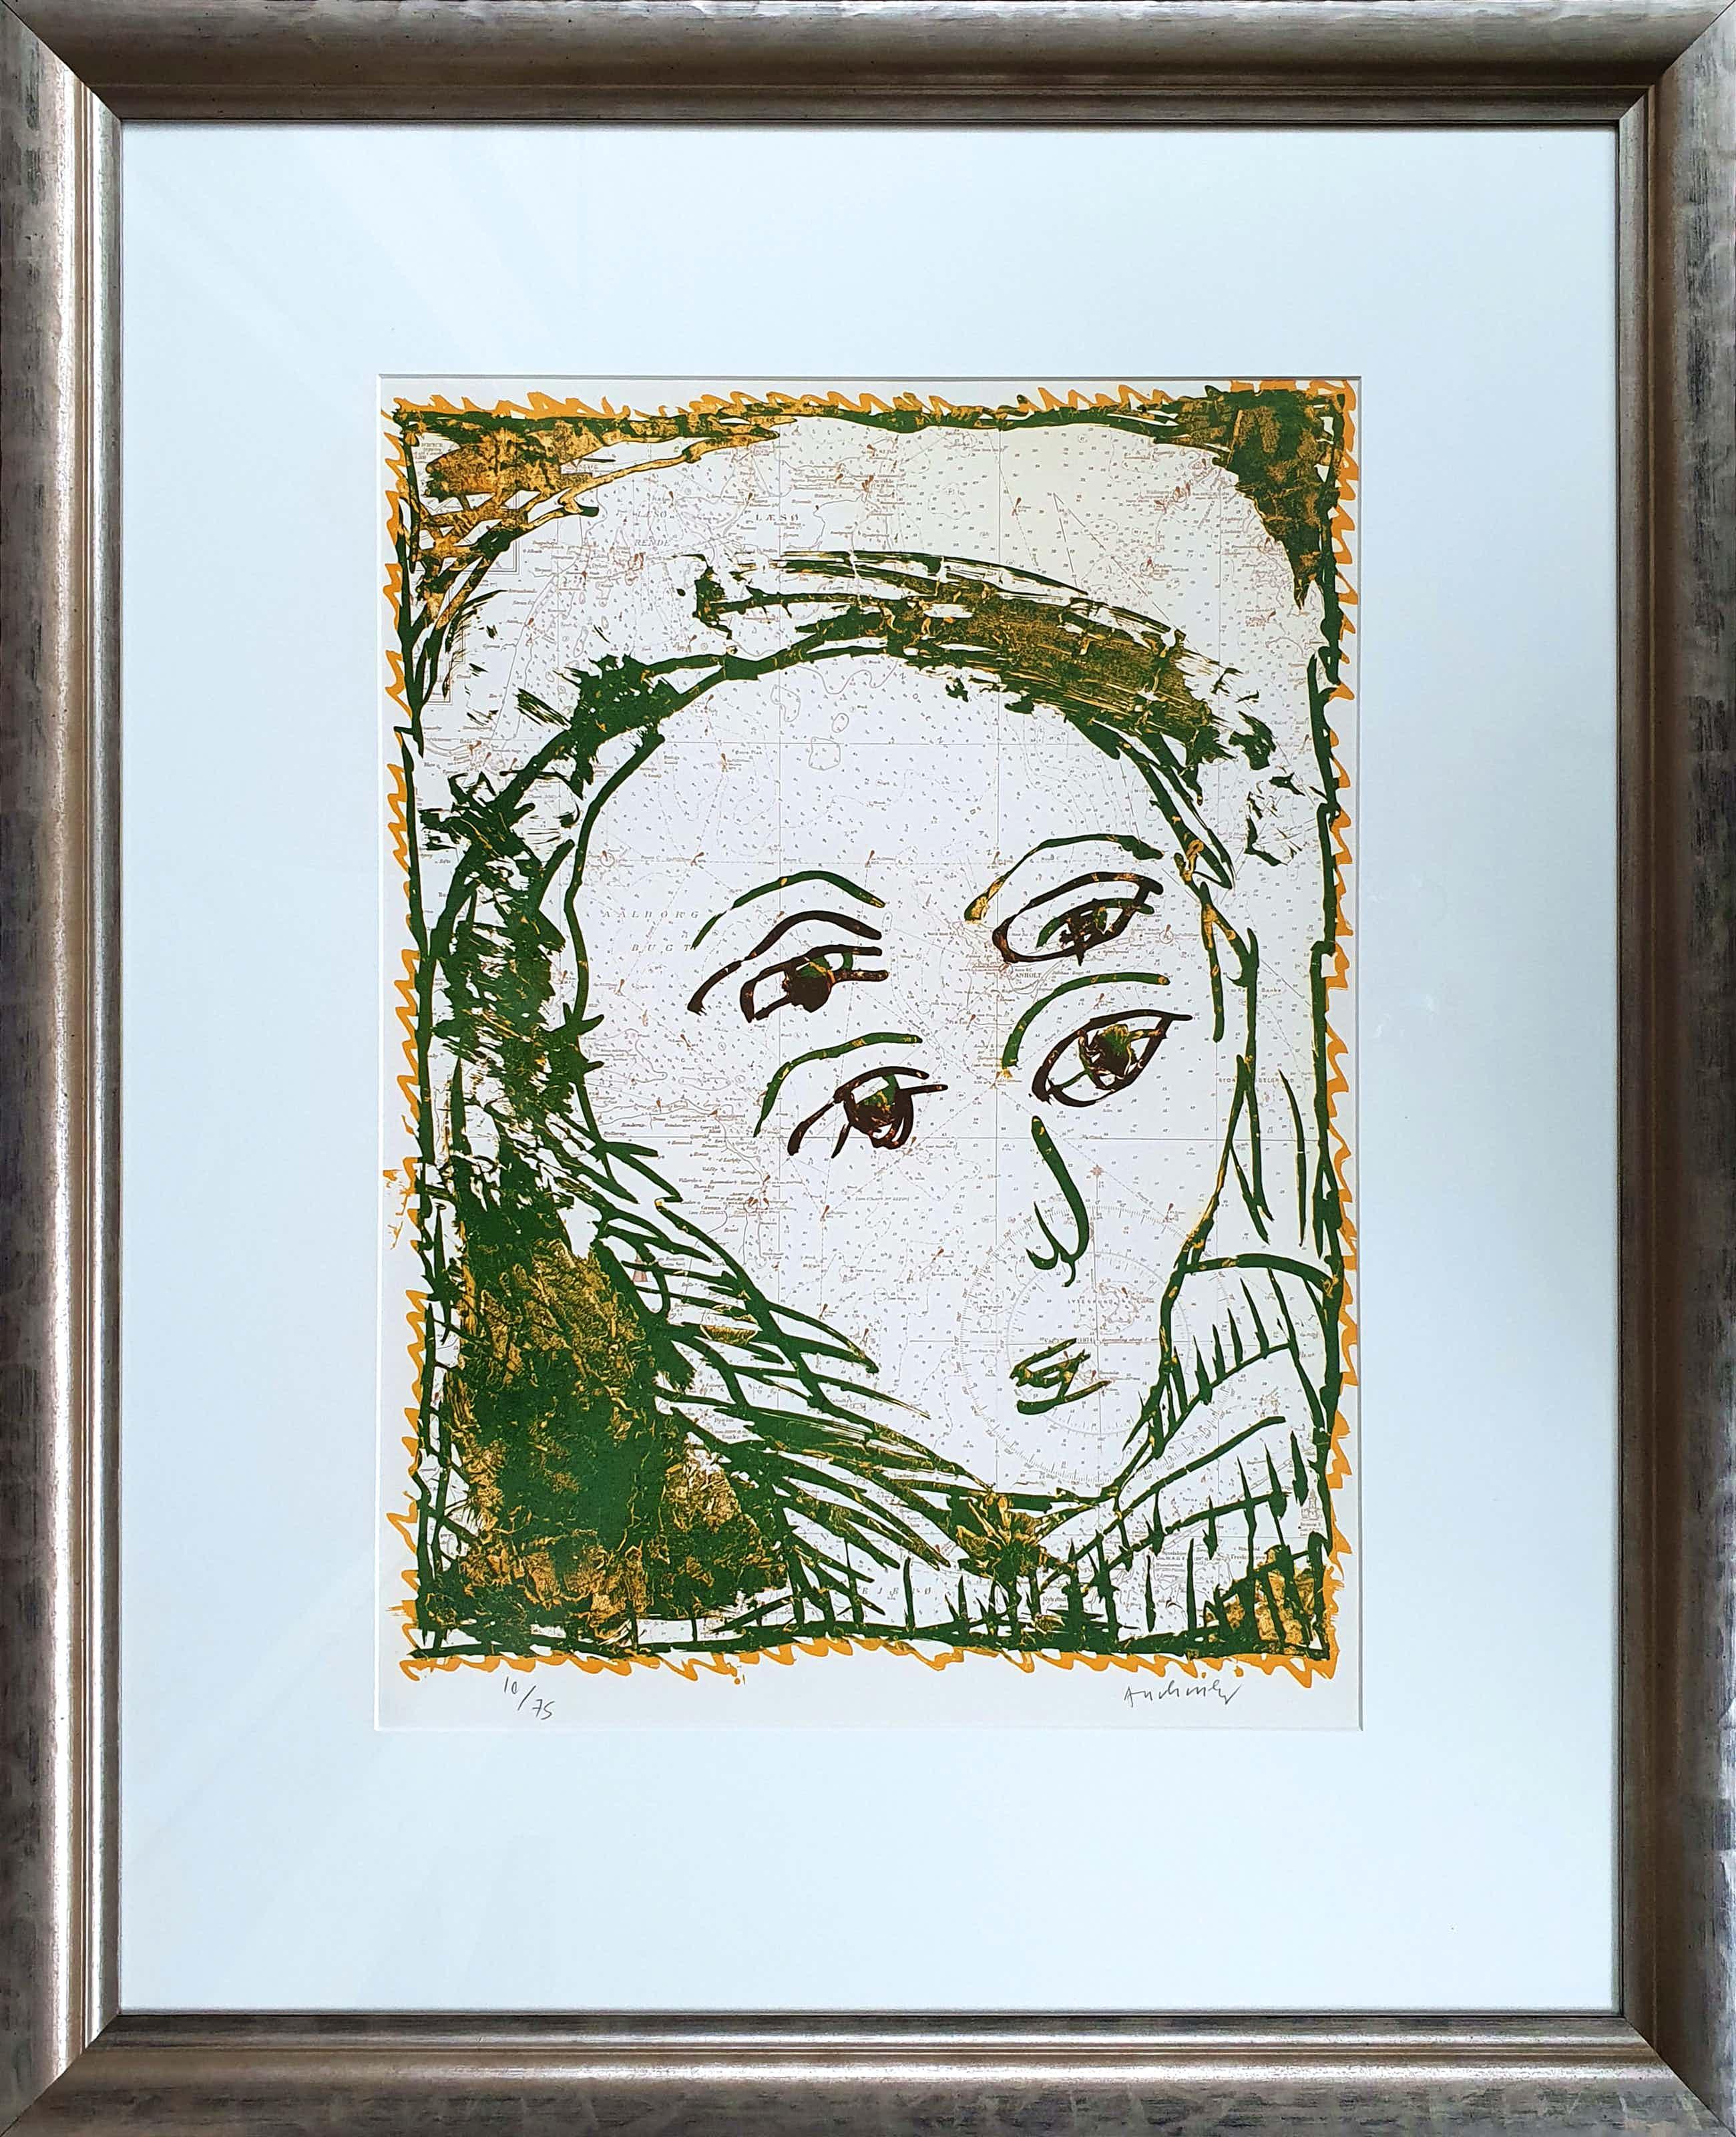 Pierre Alechinsky - kleurenlitho 1980 - Nieuw ingelijst! (Groot) kopen? Bied vanaf 855!